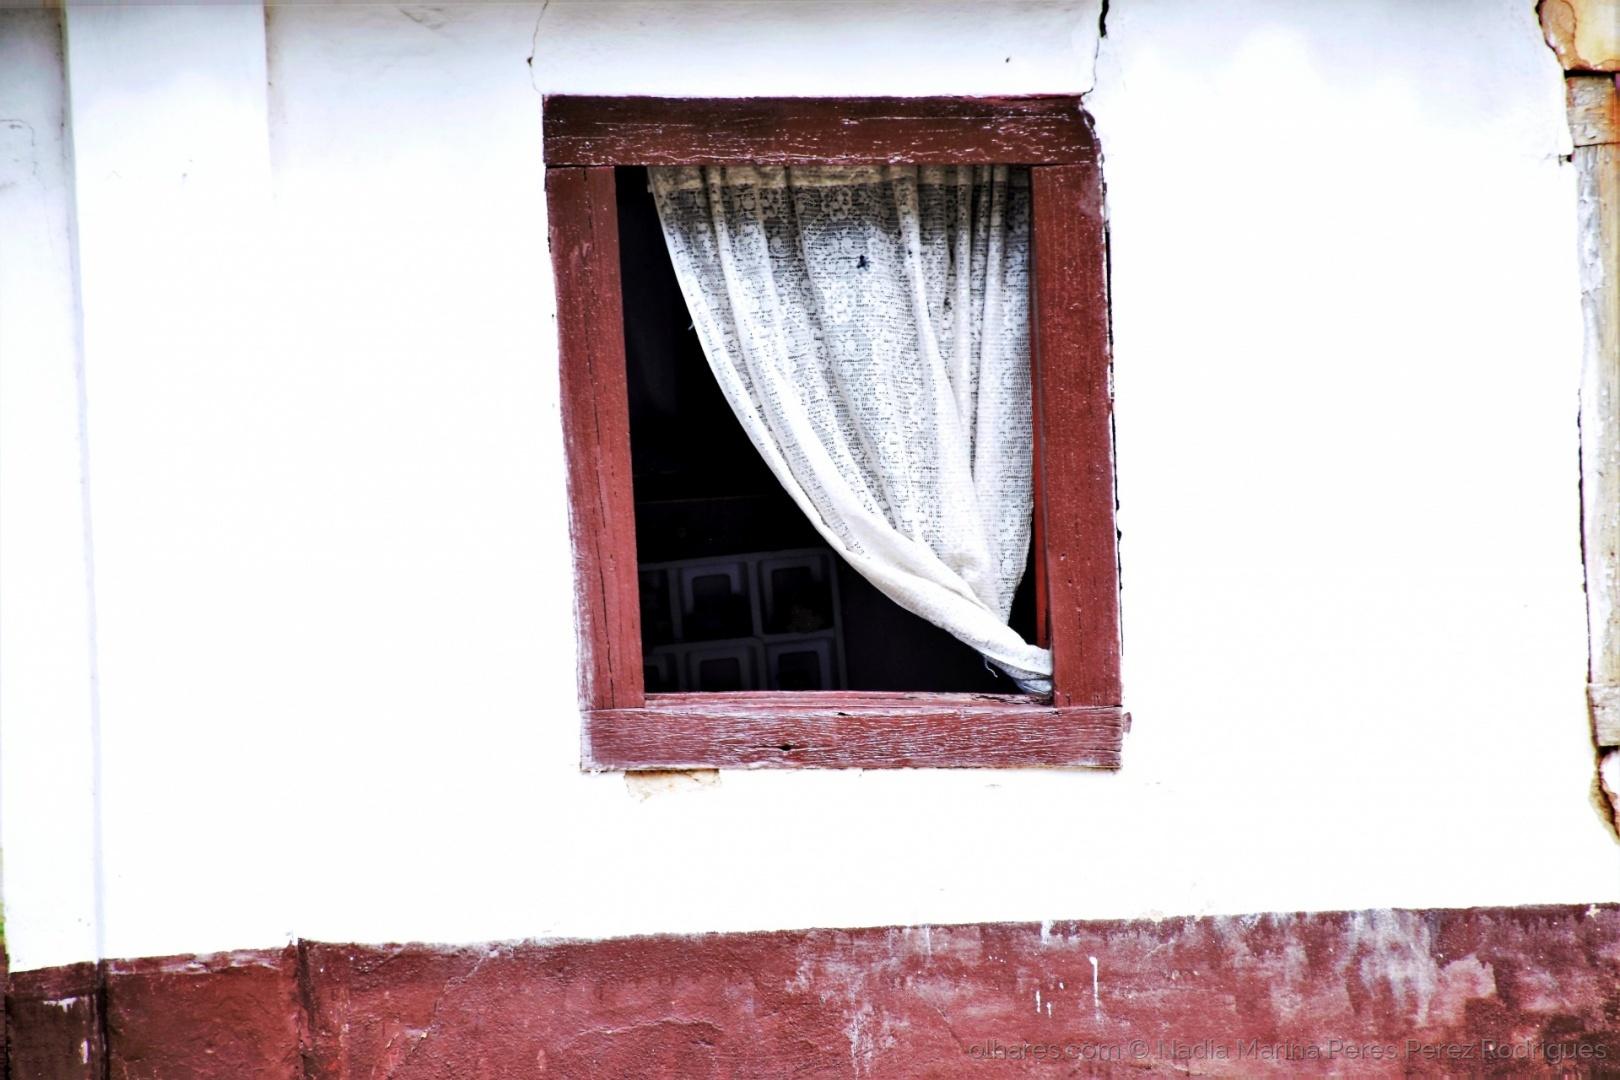 Paisagem Urbana/Cansou de esperar na janela....